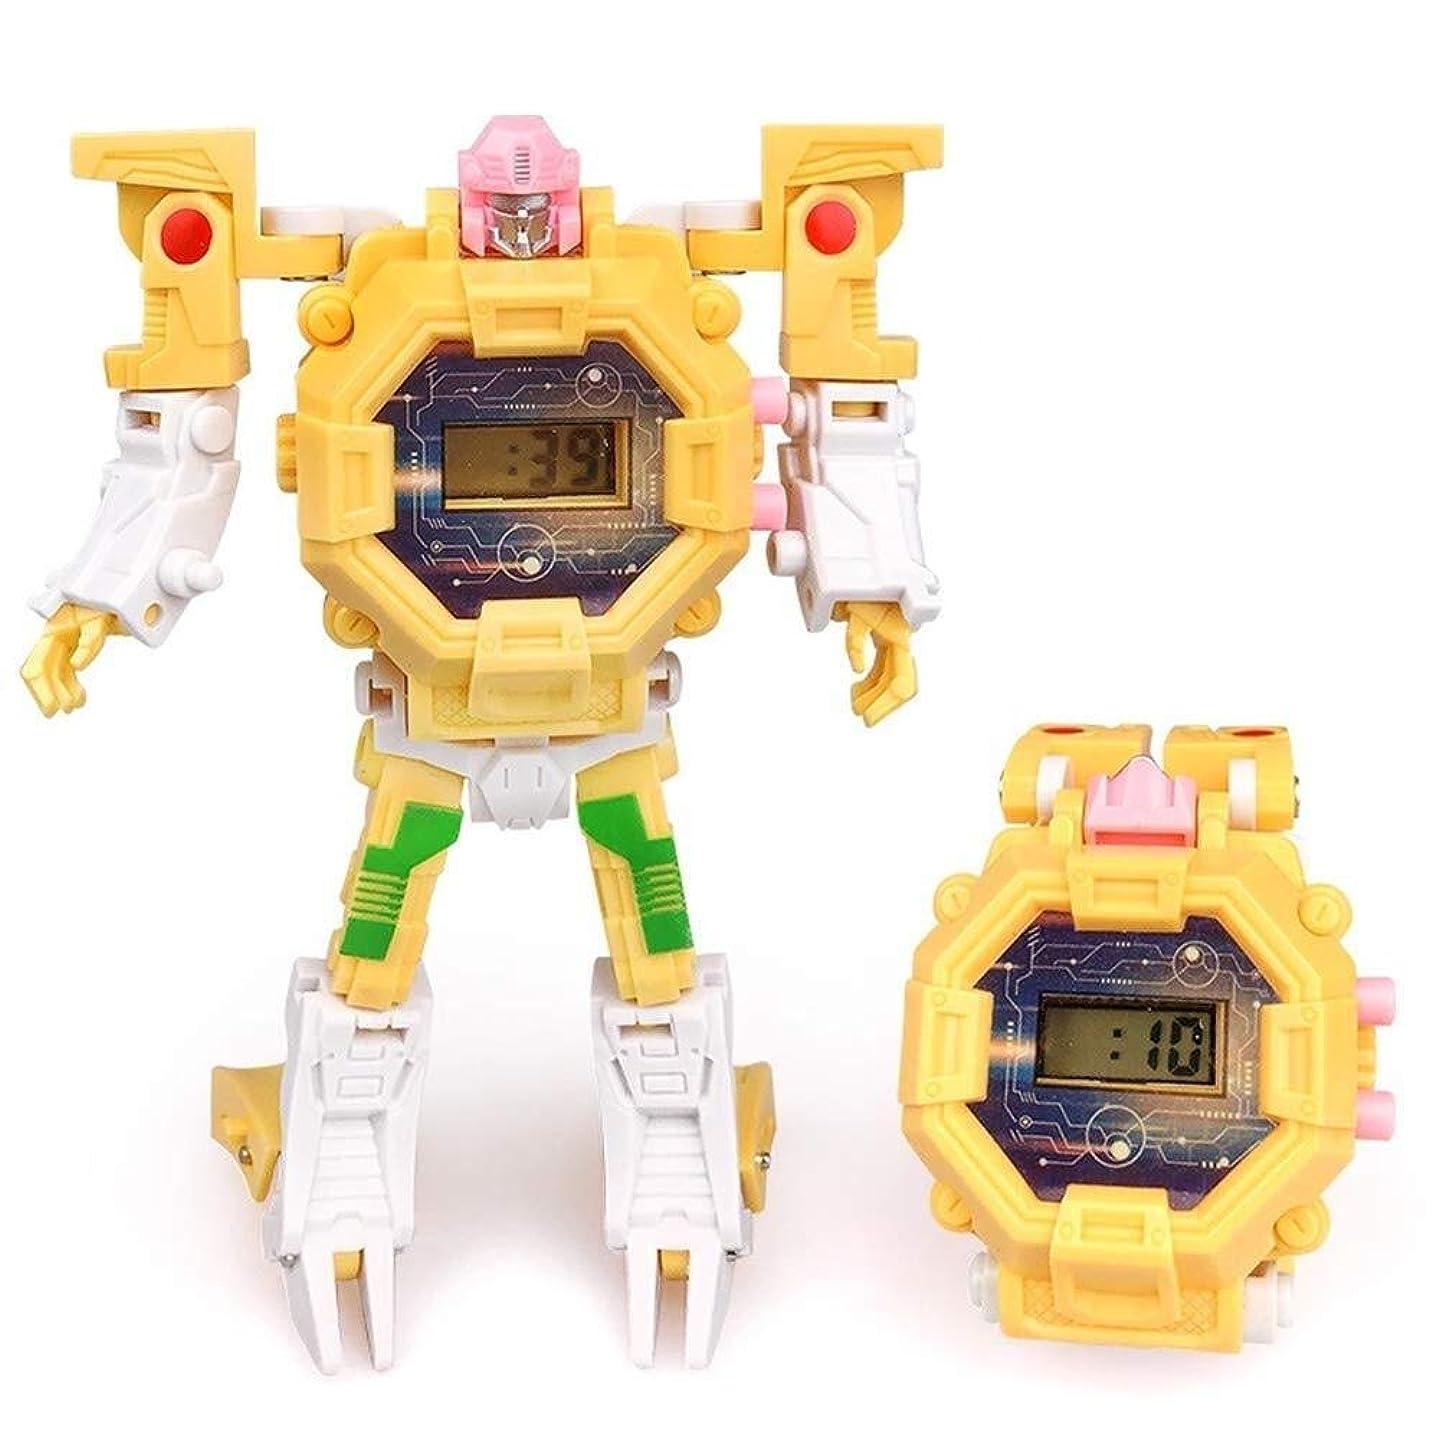 永久に移行する挑発するFANPING 変形玩具ロボットウォッチ、1つの変形ロボット玩具におけるデジタルウォッチ2、キッズクリスマスハロウィン新年のギフトのための電子時計インテリジェンス開発デフォルメロボット (Color : Pink)